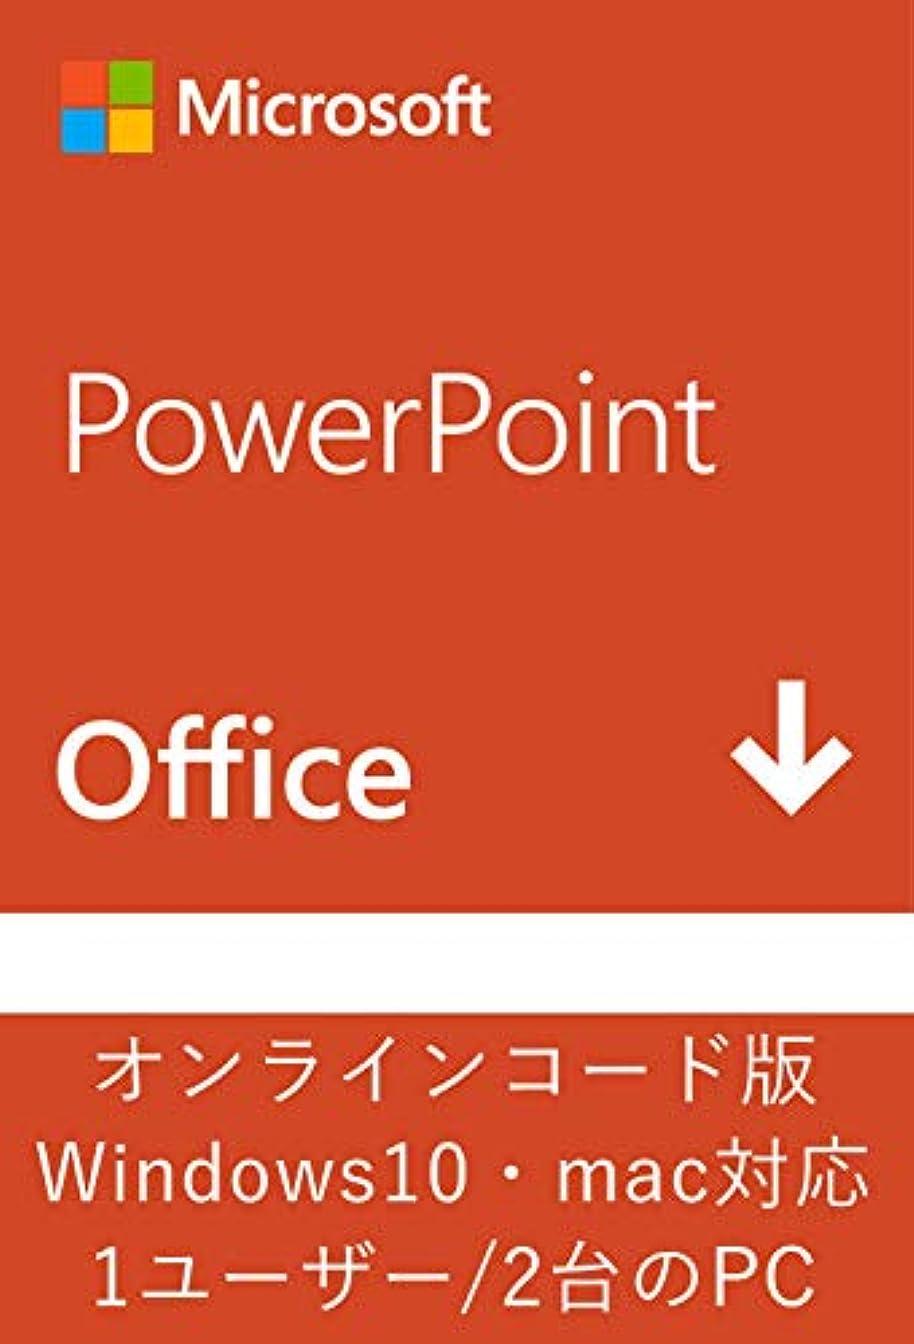 前に良性ラオス人Microsoft PowerPoint 2019(最新 永続版)|オンラインコード版|Windows10/mac対応|PC2台